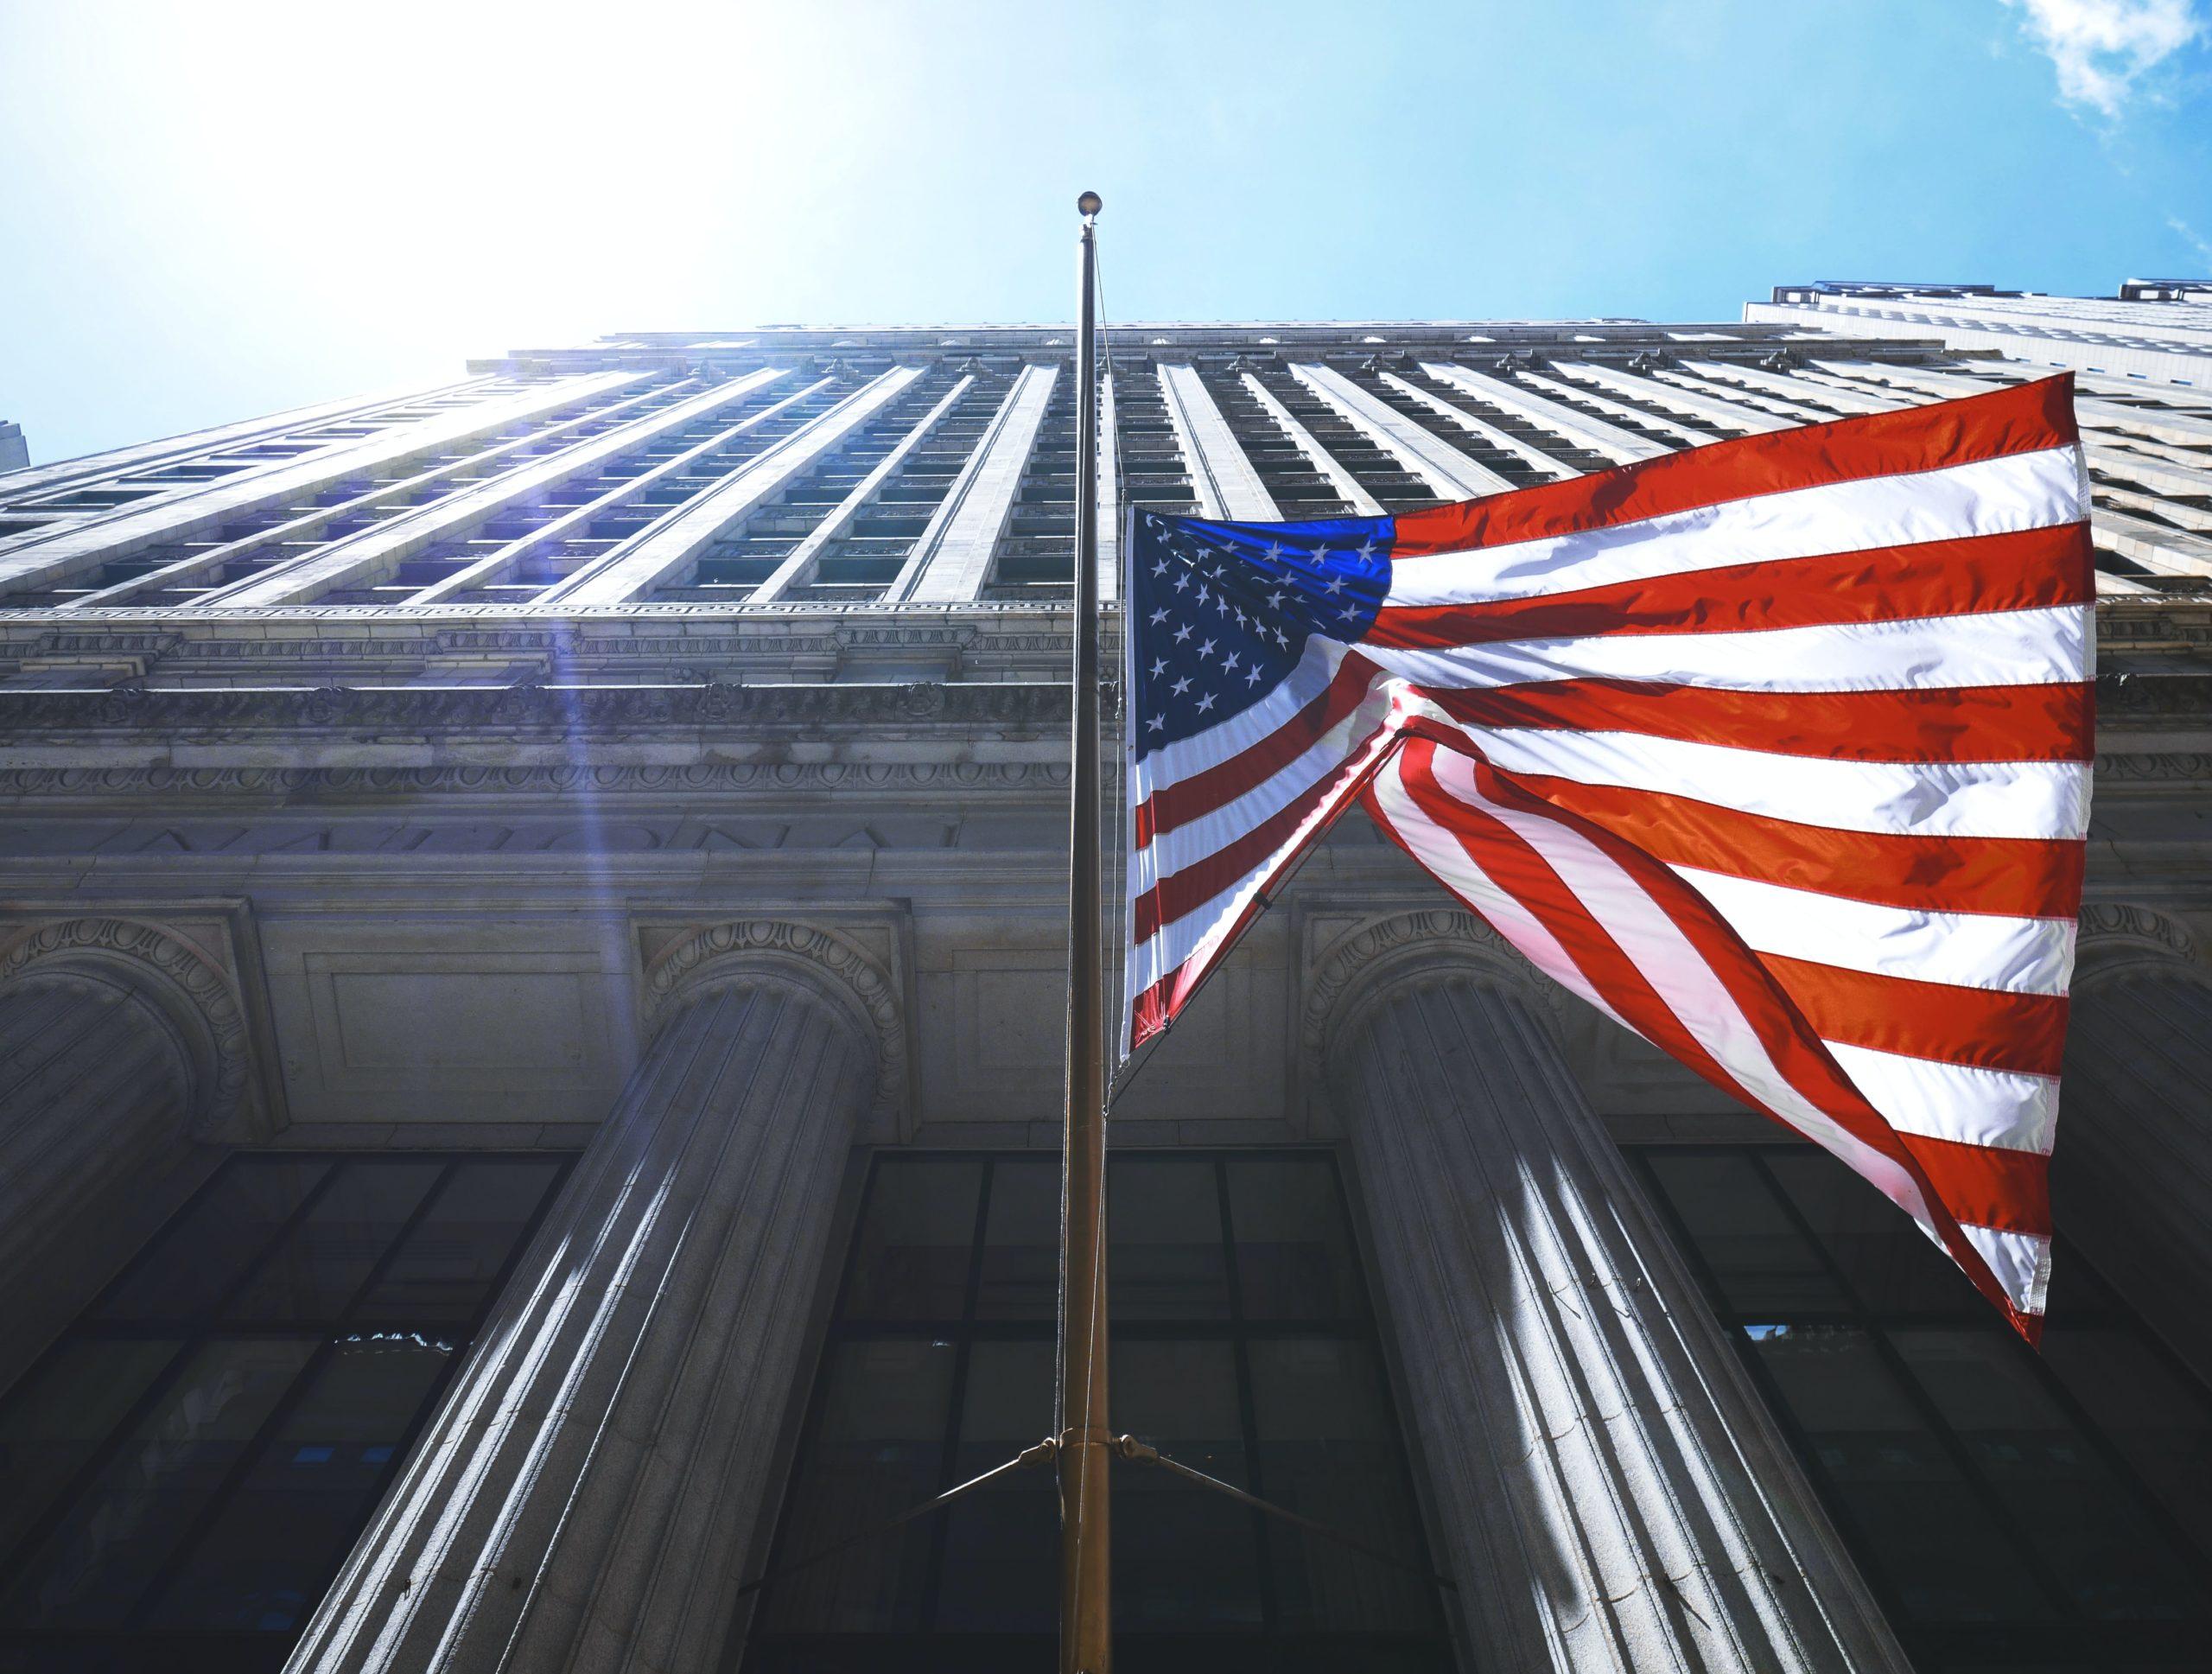 米国のみの集中投資は怖い